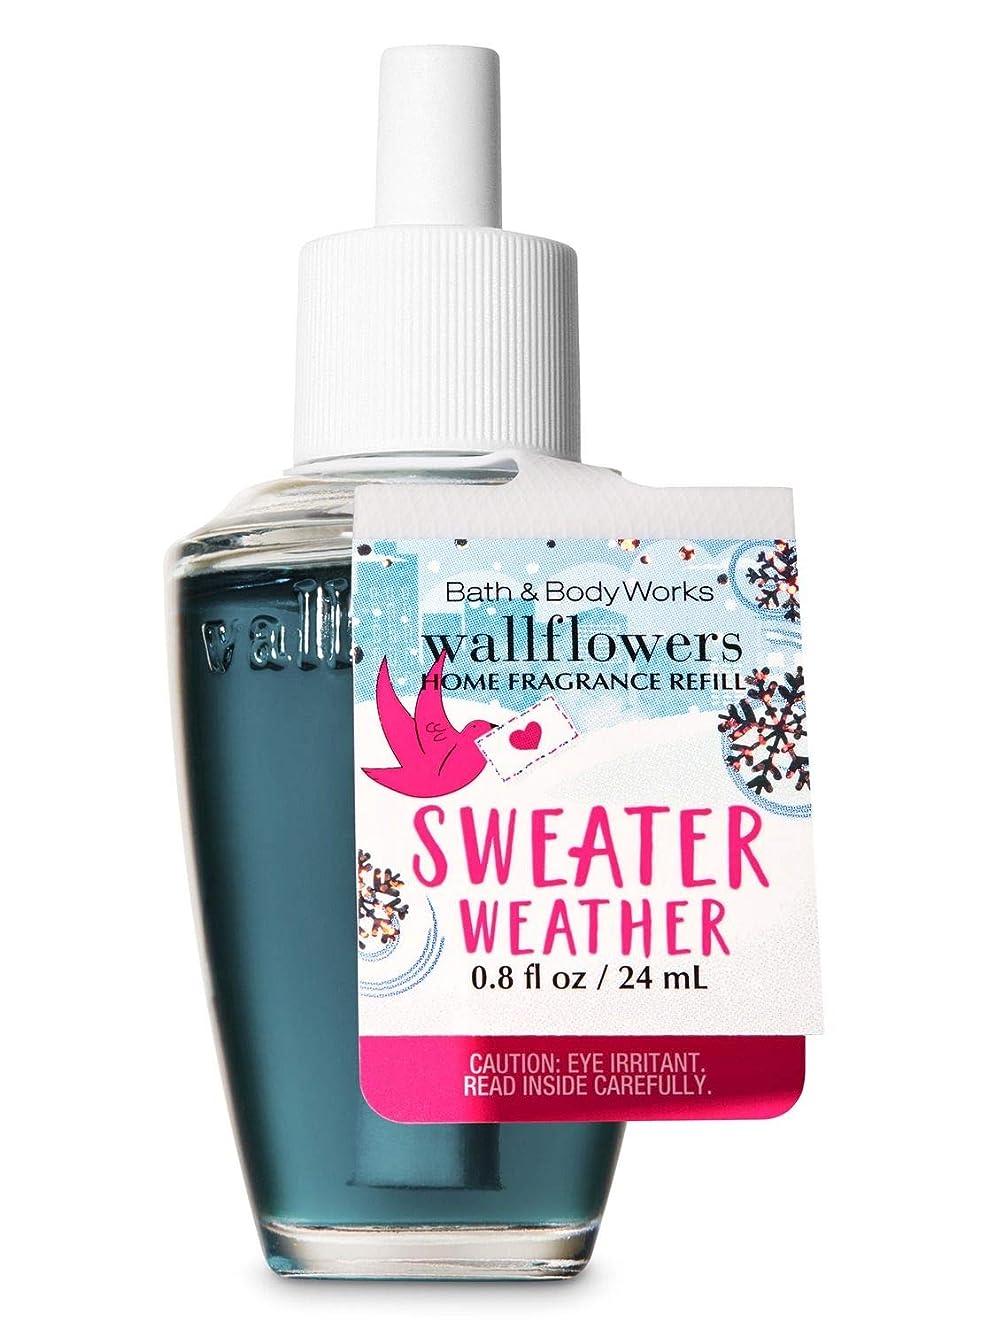 識字南極精神的に【Bath&Body Works/バス&ボディワークス】 ルームフレグランス 詰替えリフィル スウェターウェザー Wallflowers Home Fragrance Refill Sweater Weather [並行輸入品]